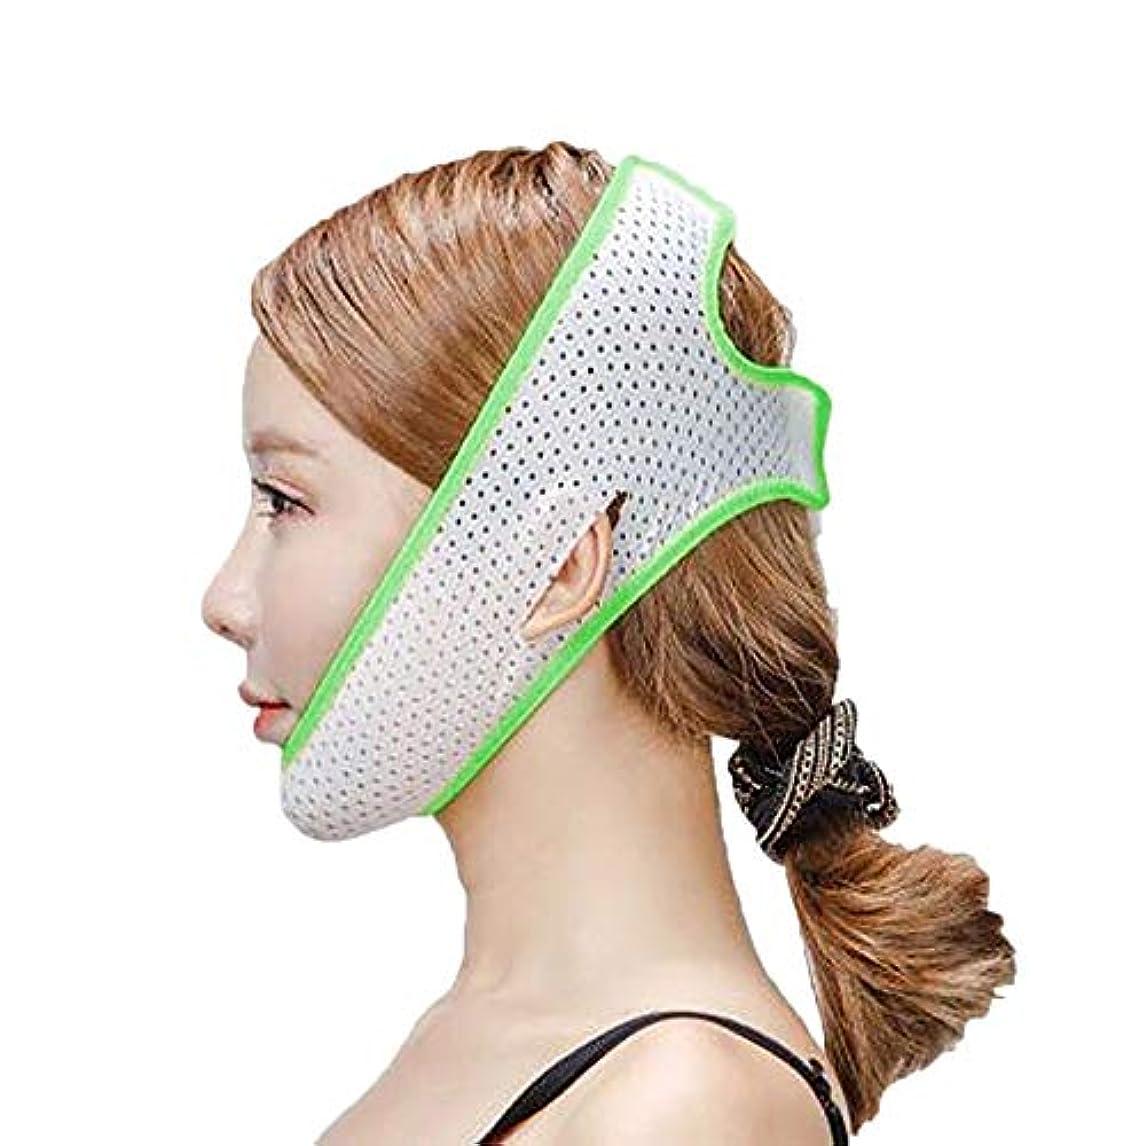 バレーボール市場ぐるぐるXHLMRMJ フェイスリフトマスク、ダブルチンストラップ、フェイシャル減量マスク、フェイシャルダブルチンケアスリミングマスク、リンクルマスク(フリーサイズ) (Color : Green)